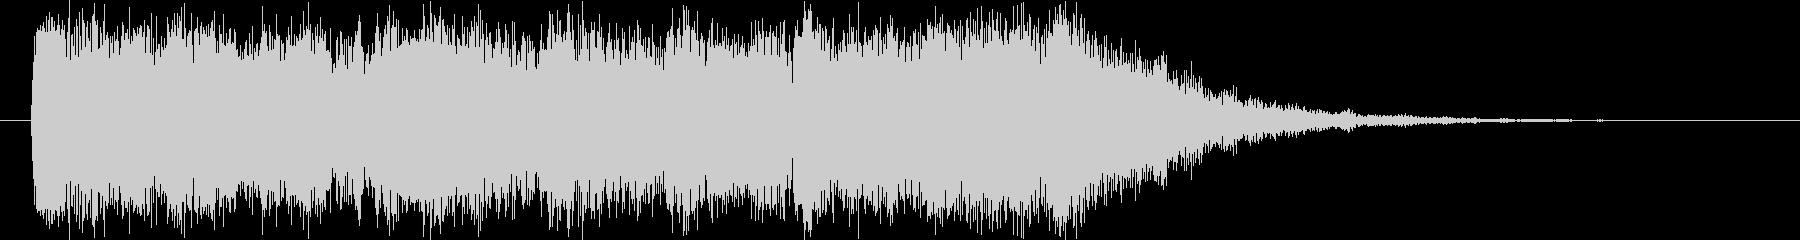 フルオーケストラの雄大&壮大なロゴの未再生の波形